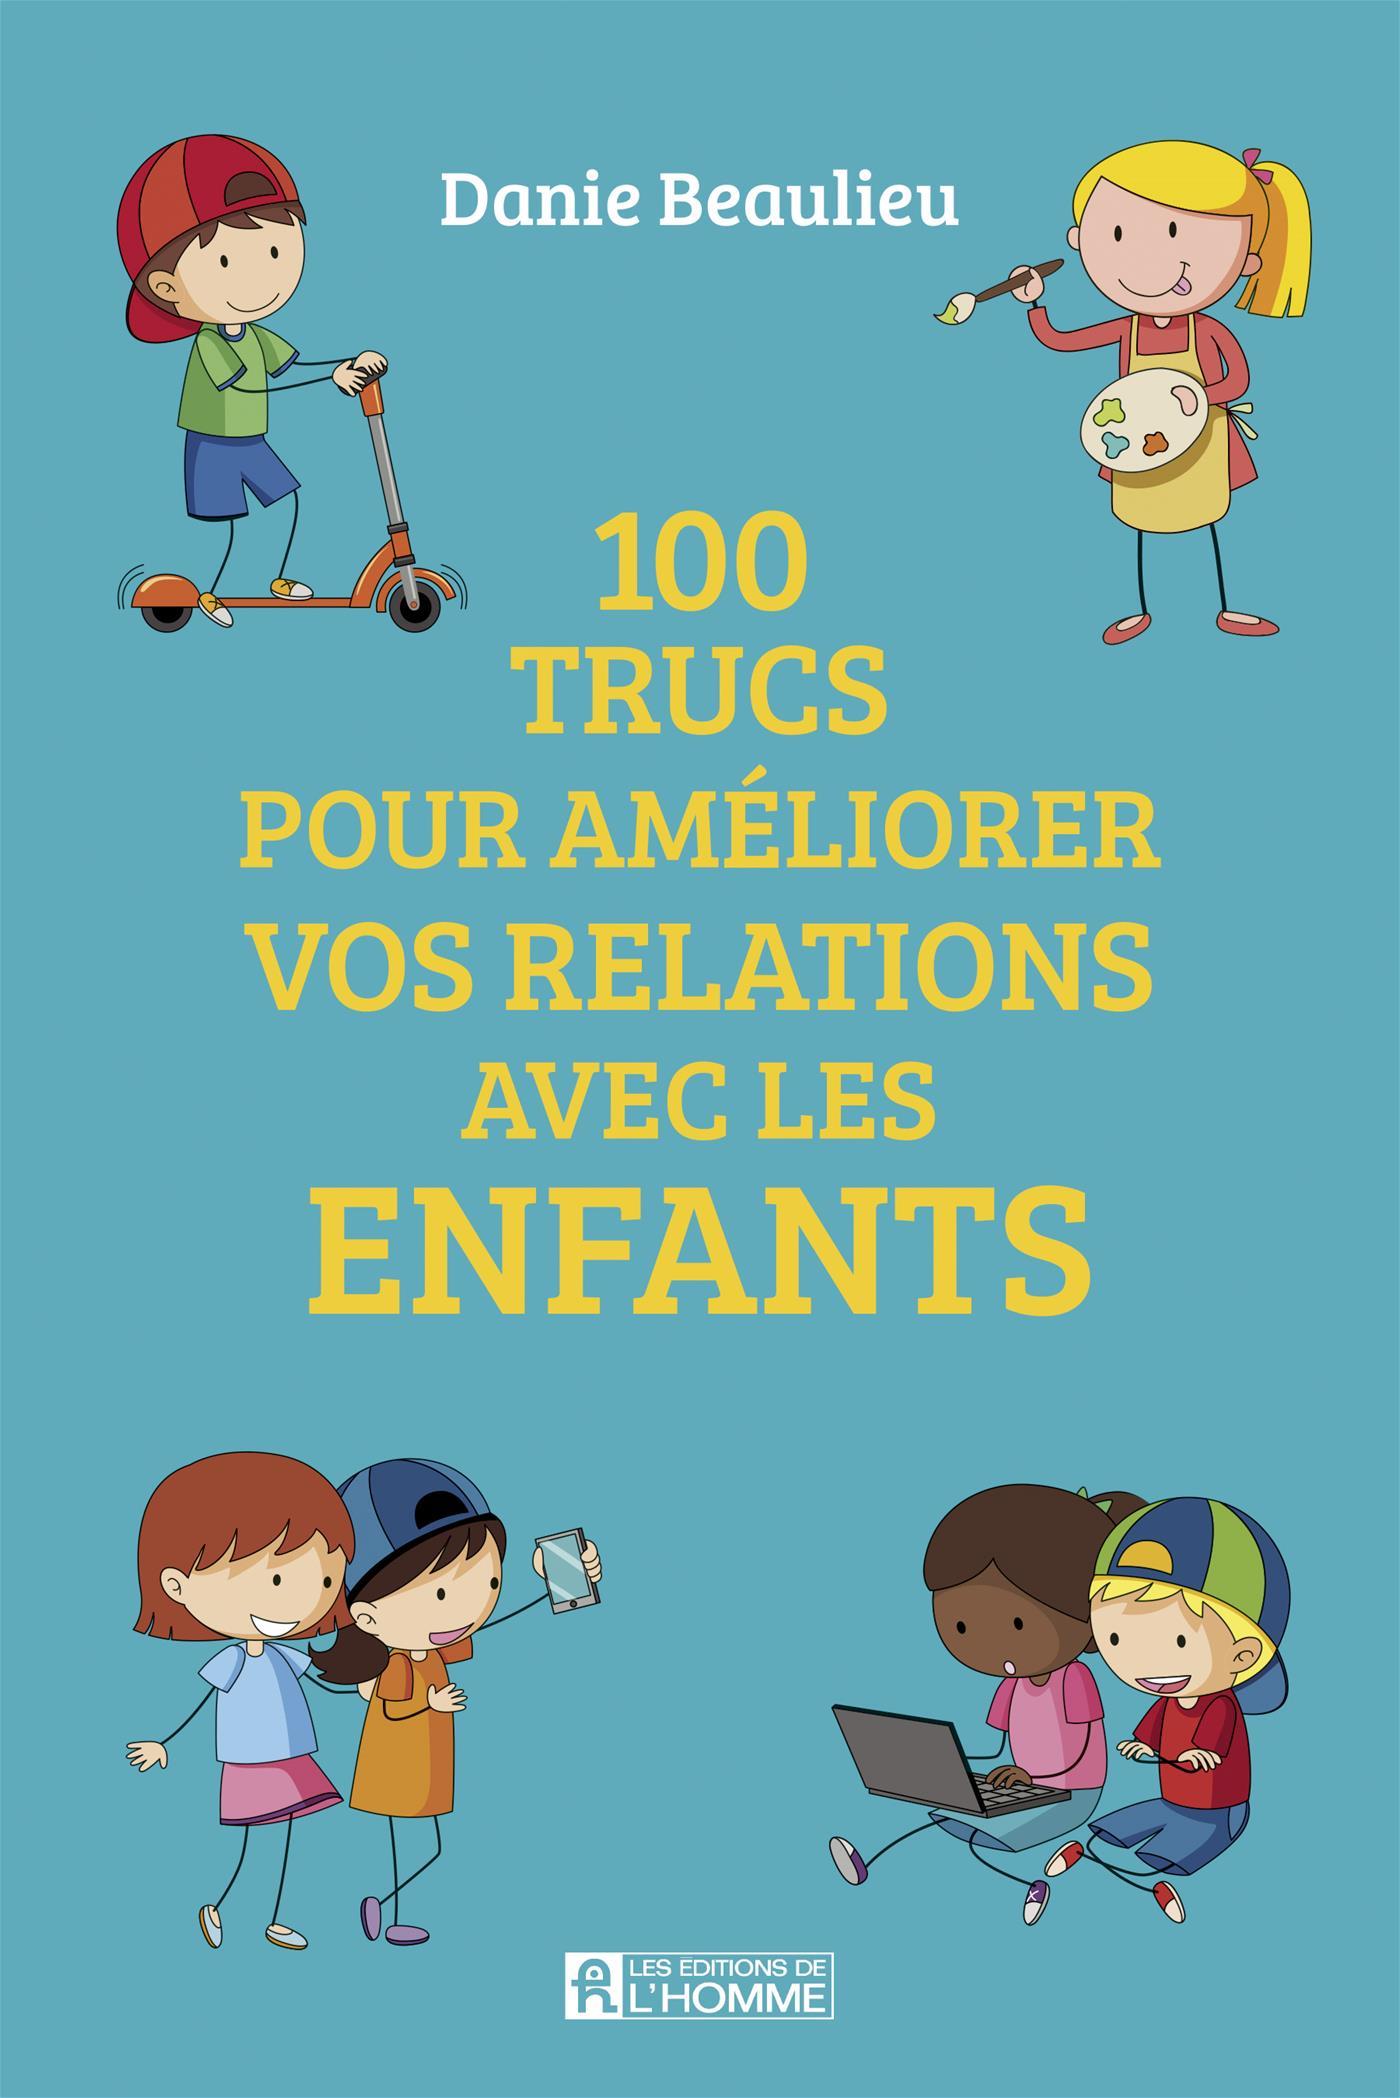 100 trucs pour améliorer les relations avec les enfants